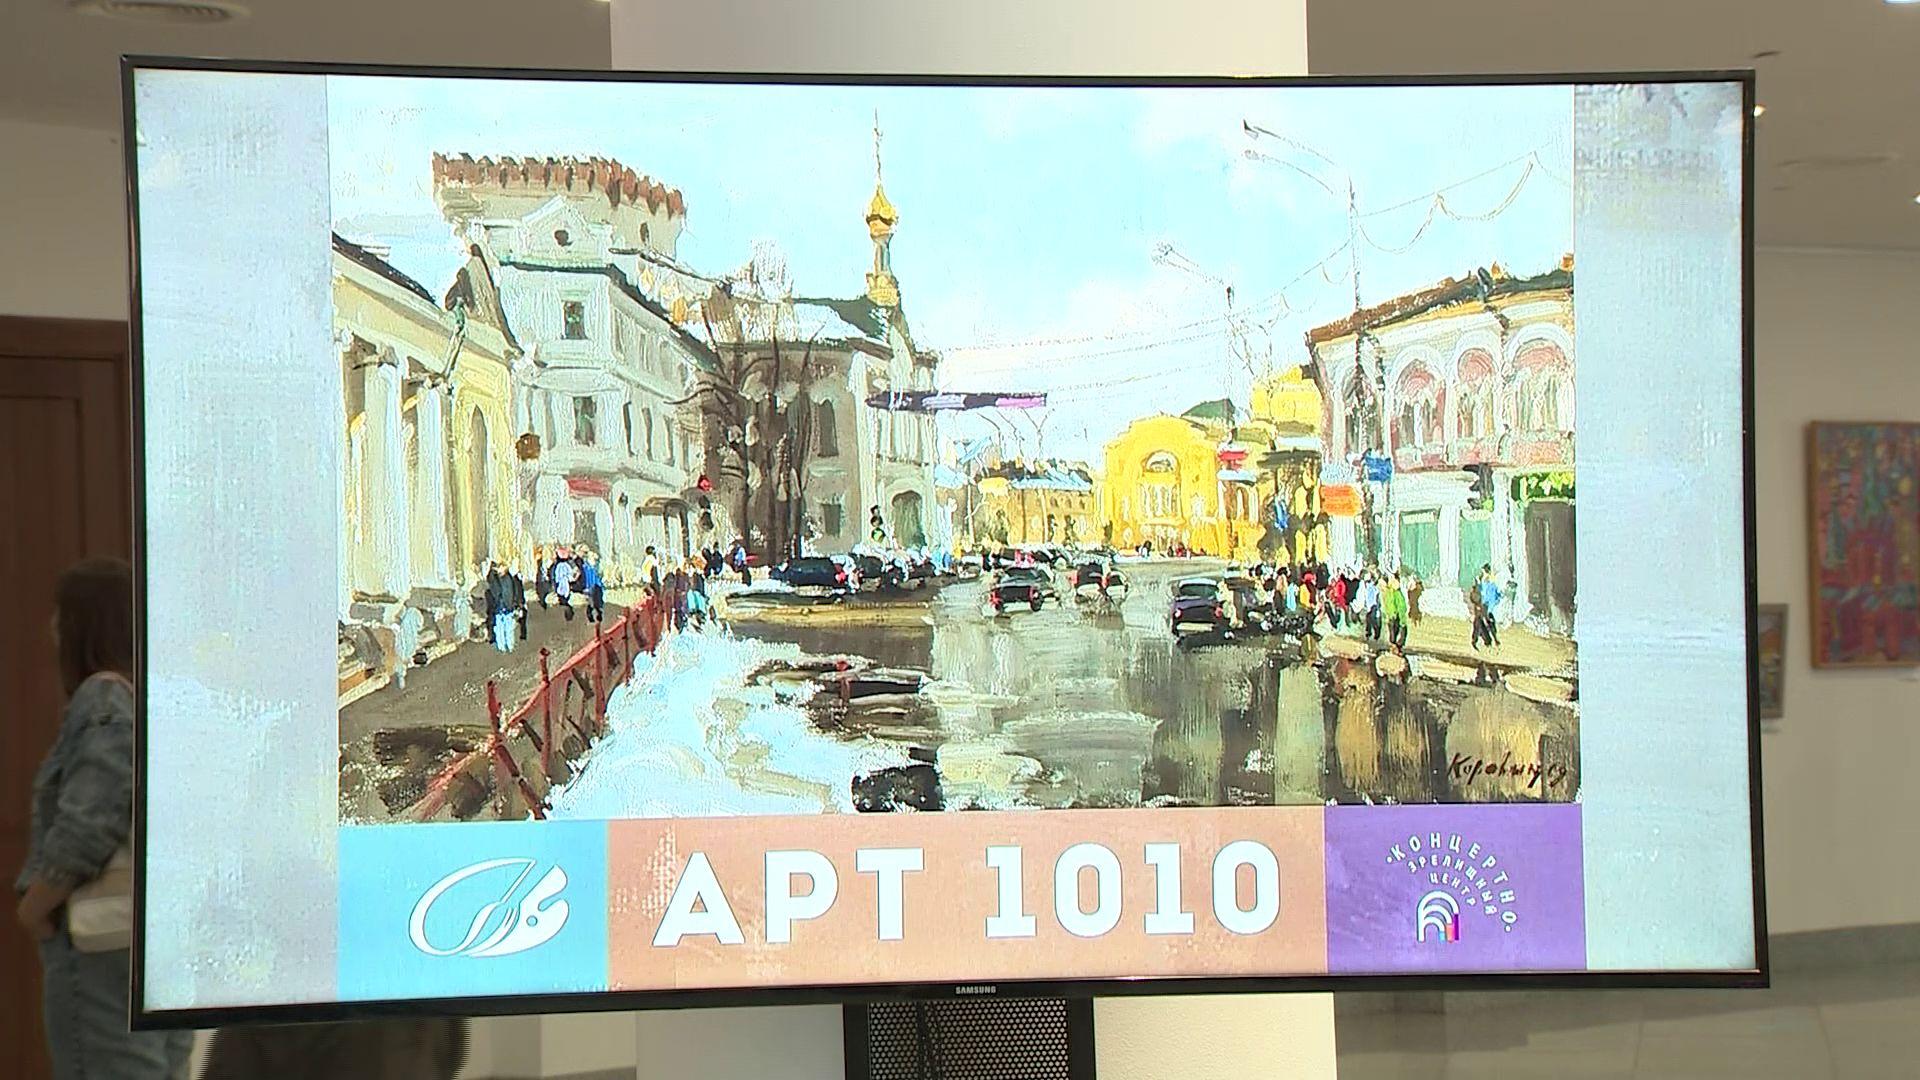 В Ярославле открылась выставка картин, посвященная 1010-летию города